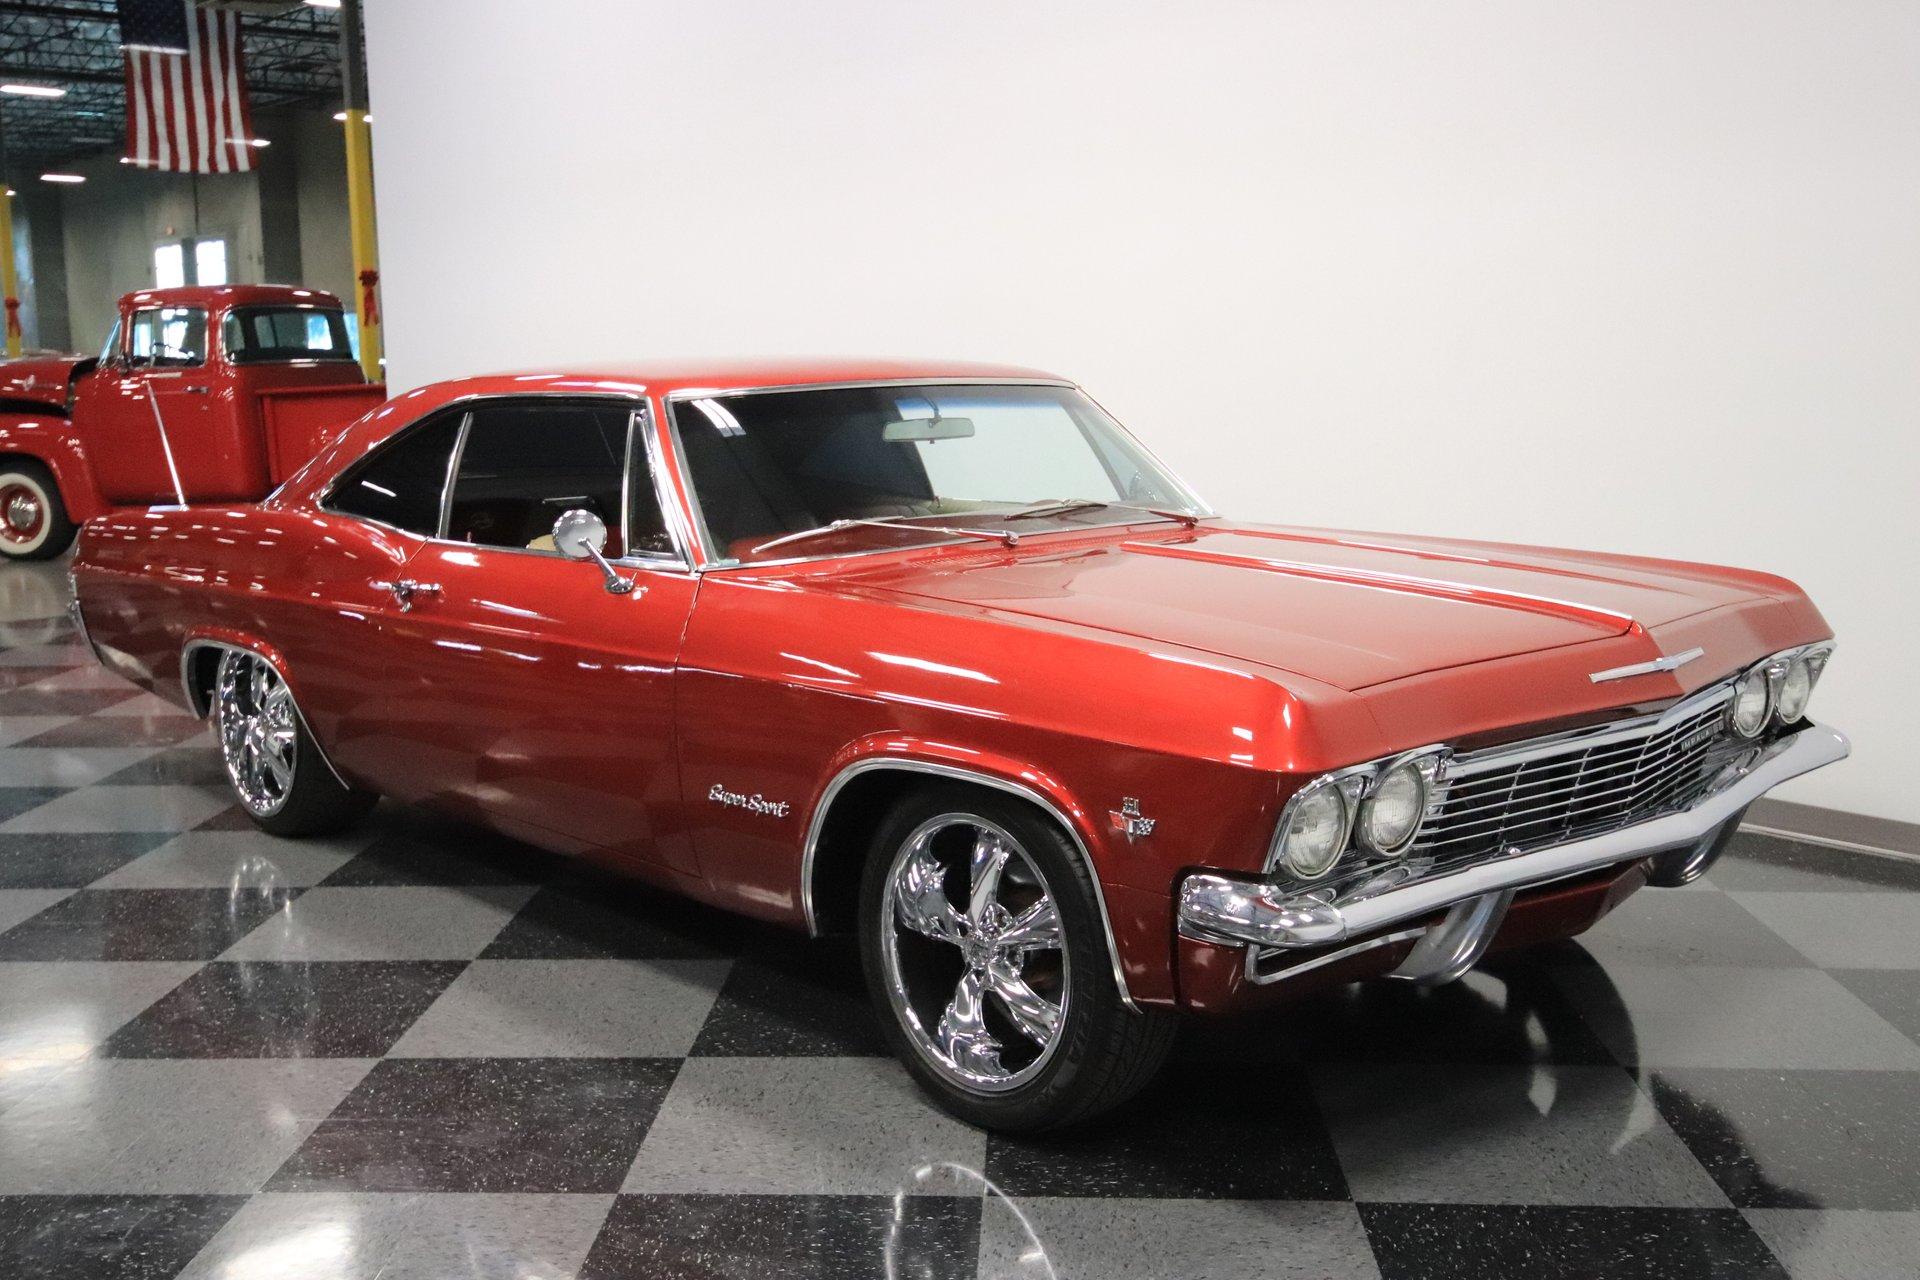 1965 Chevrolet Impala | Streetside Classics - The Nation's